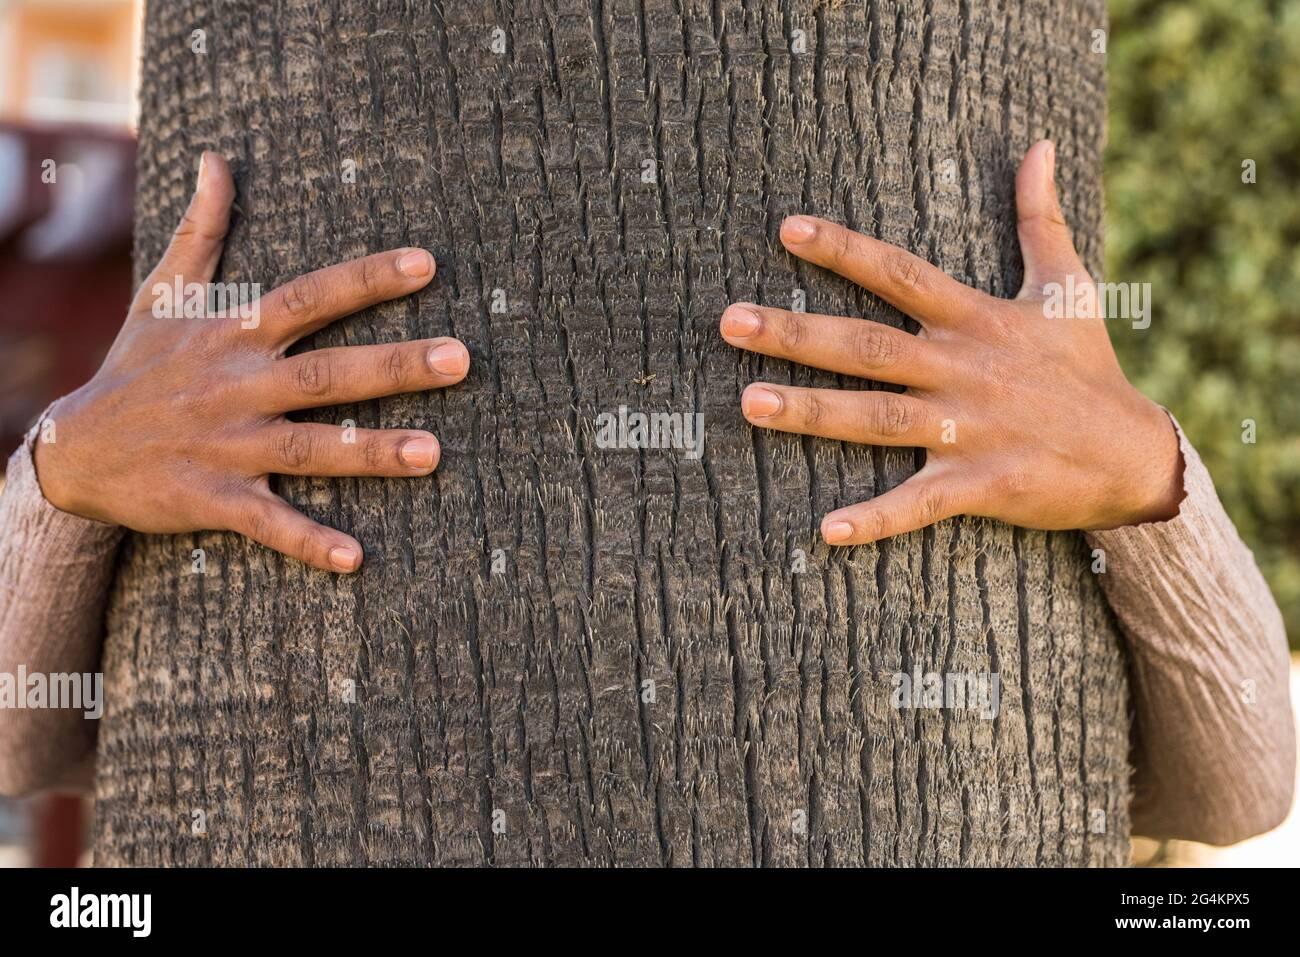 Hände umarmen und schützen Palmen - Natur Umwelt sicheren Schutz Konzept - Stammbäume aus der Nähe und Menschen umarmen Stockfoto